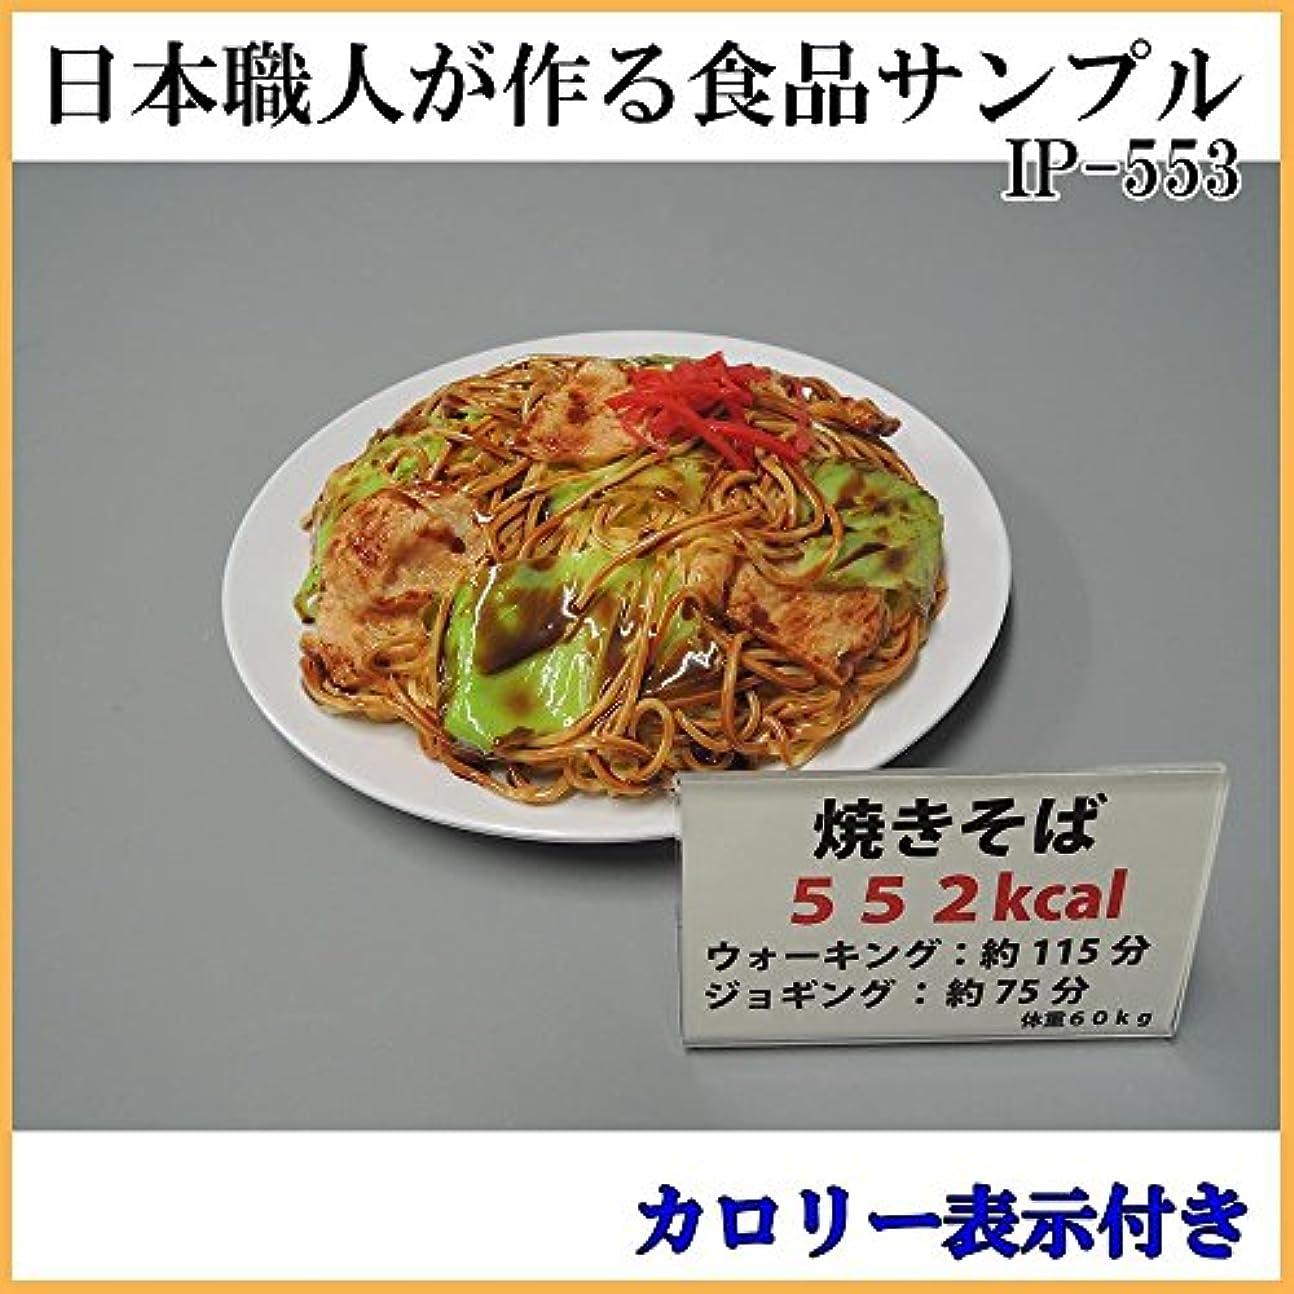 政治家のシャックル有毒日本職人が作る 食品サンプル カロリー表示付き 焼きそば IP-553